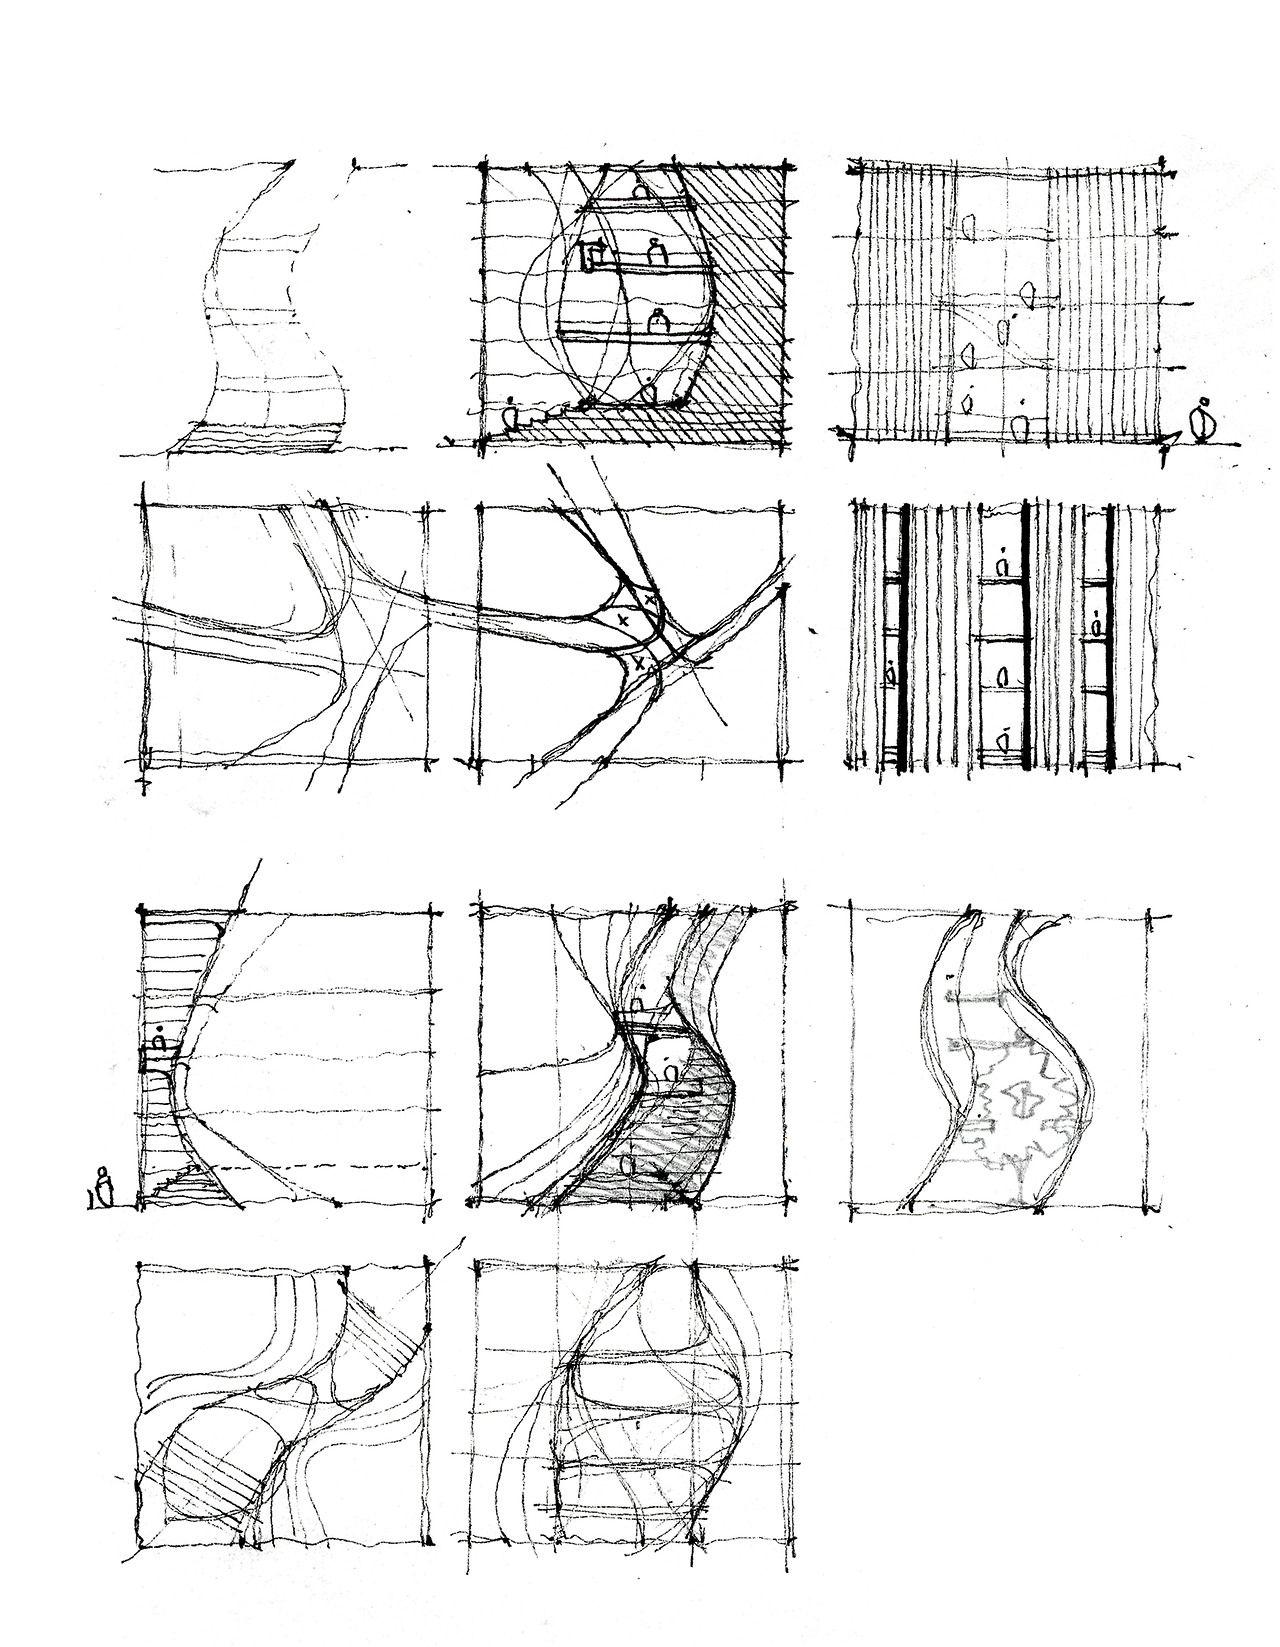 1993 chevy cavalier Diagrama del motor